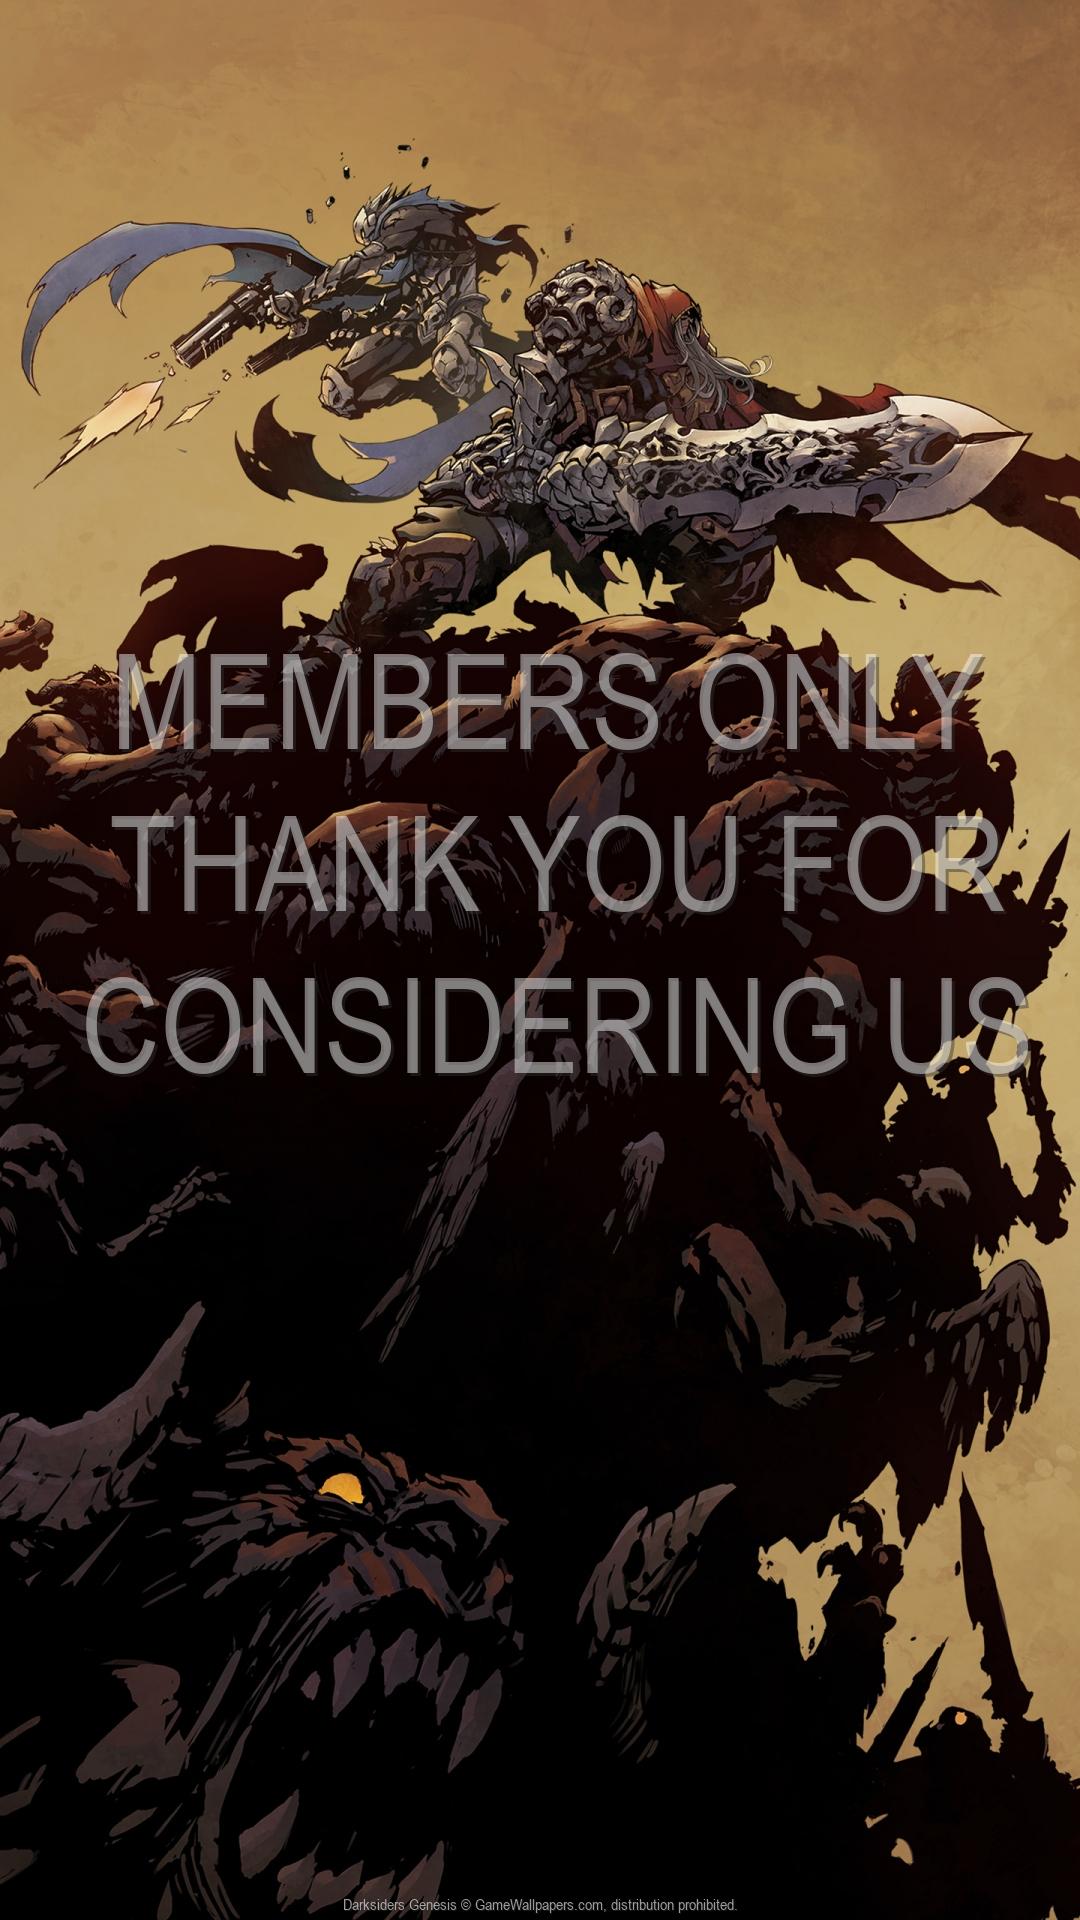 Darksiders: Genesis 1920x1080 Mobile wallpaper or background 03